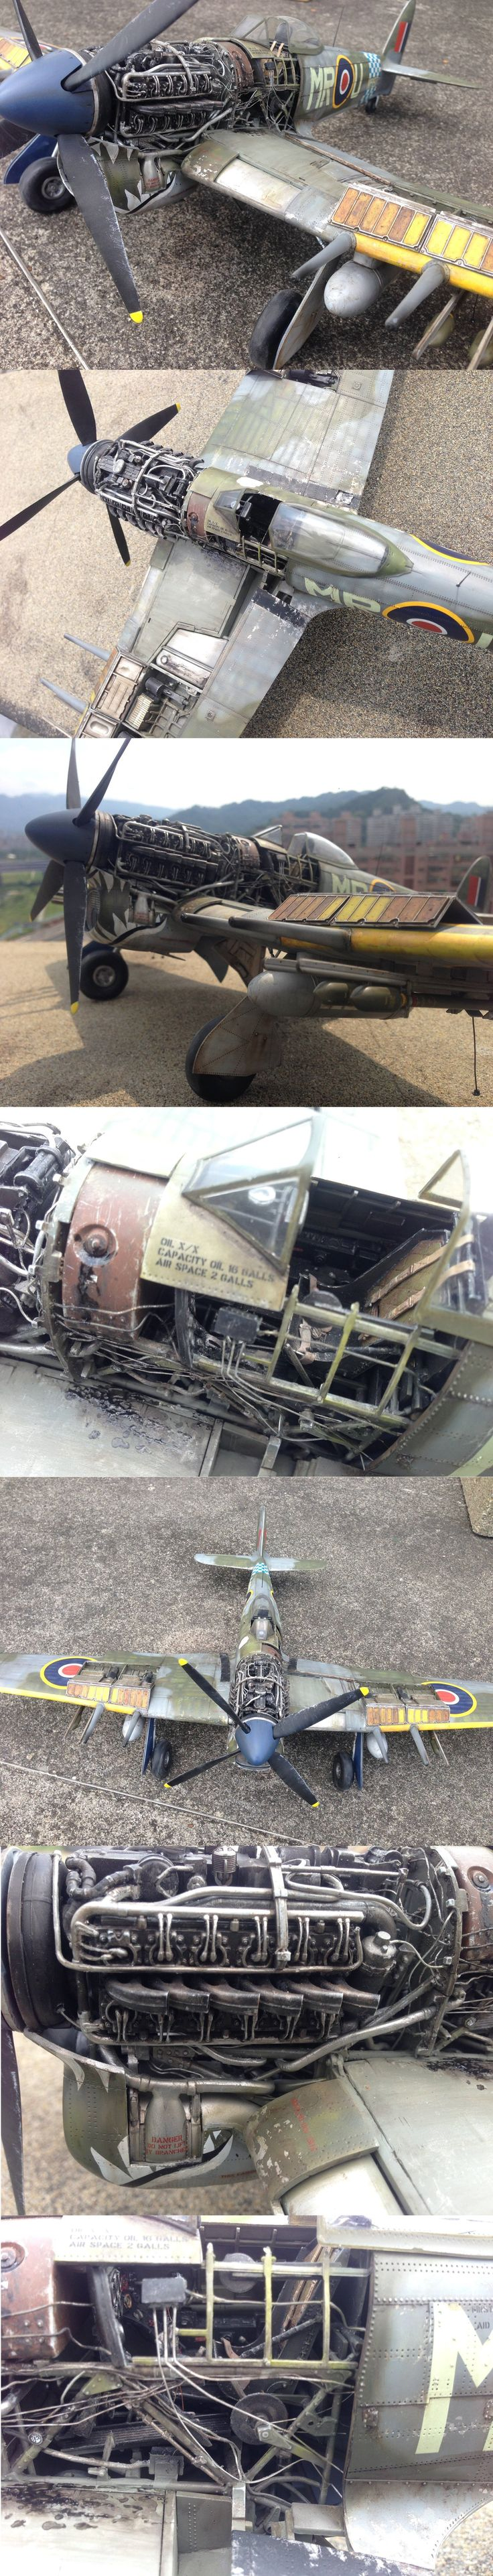 Hawker Typhoon MkIb 1:24 Airfix